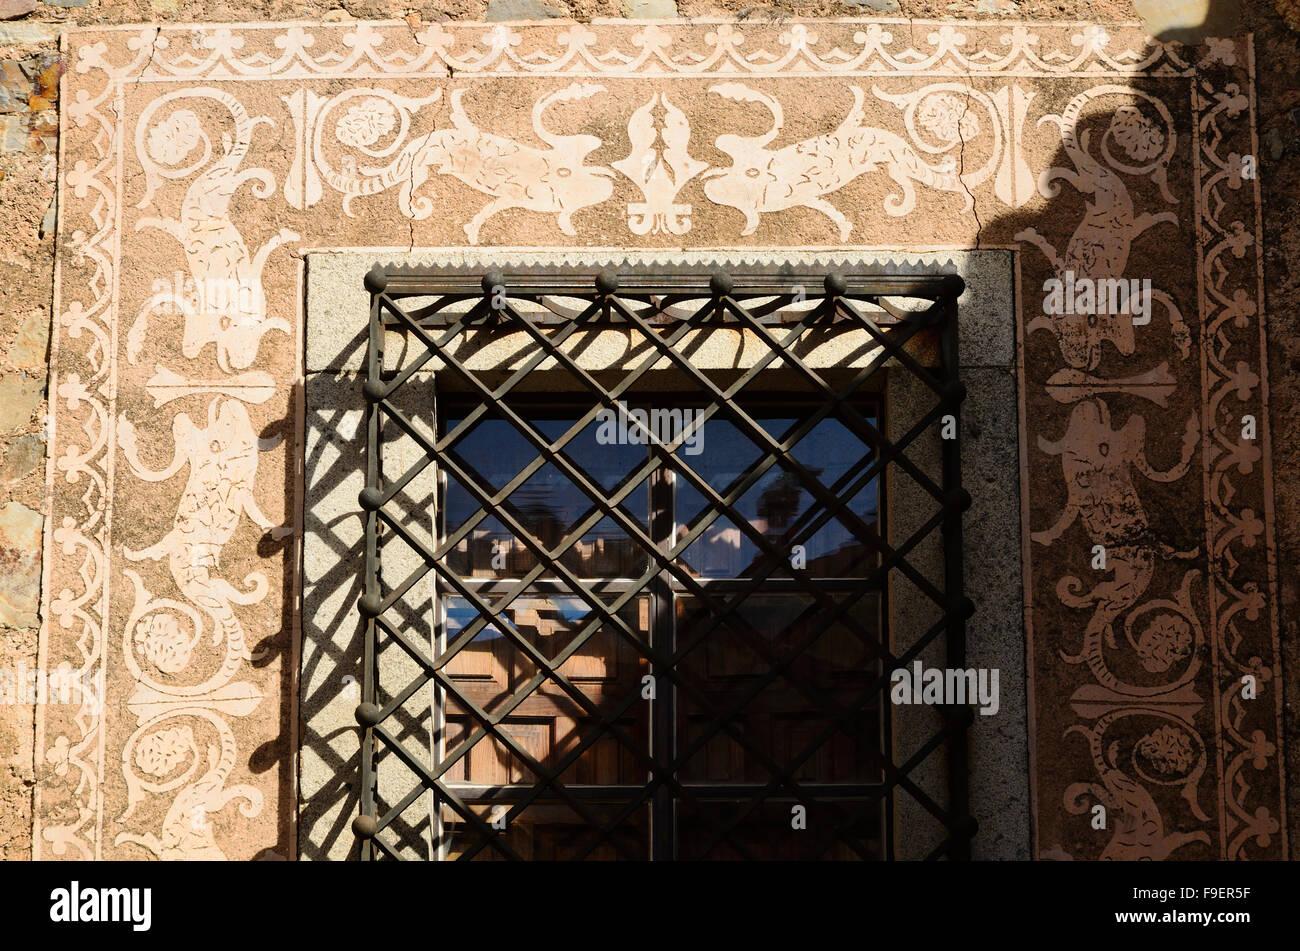 Détails du Palais du commandant de Alcuescar. Caceres. L'Estrémadure, Espagne. L'Europe Photo Stock